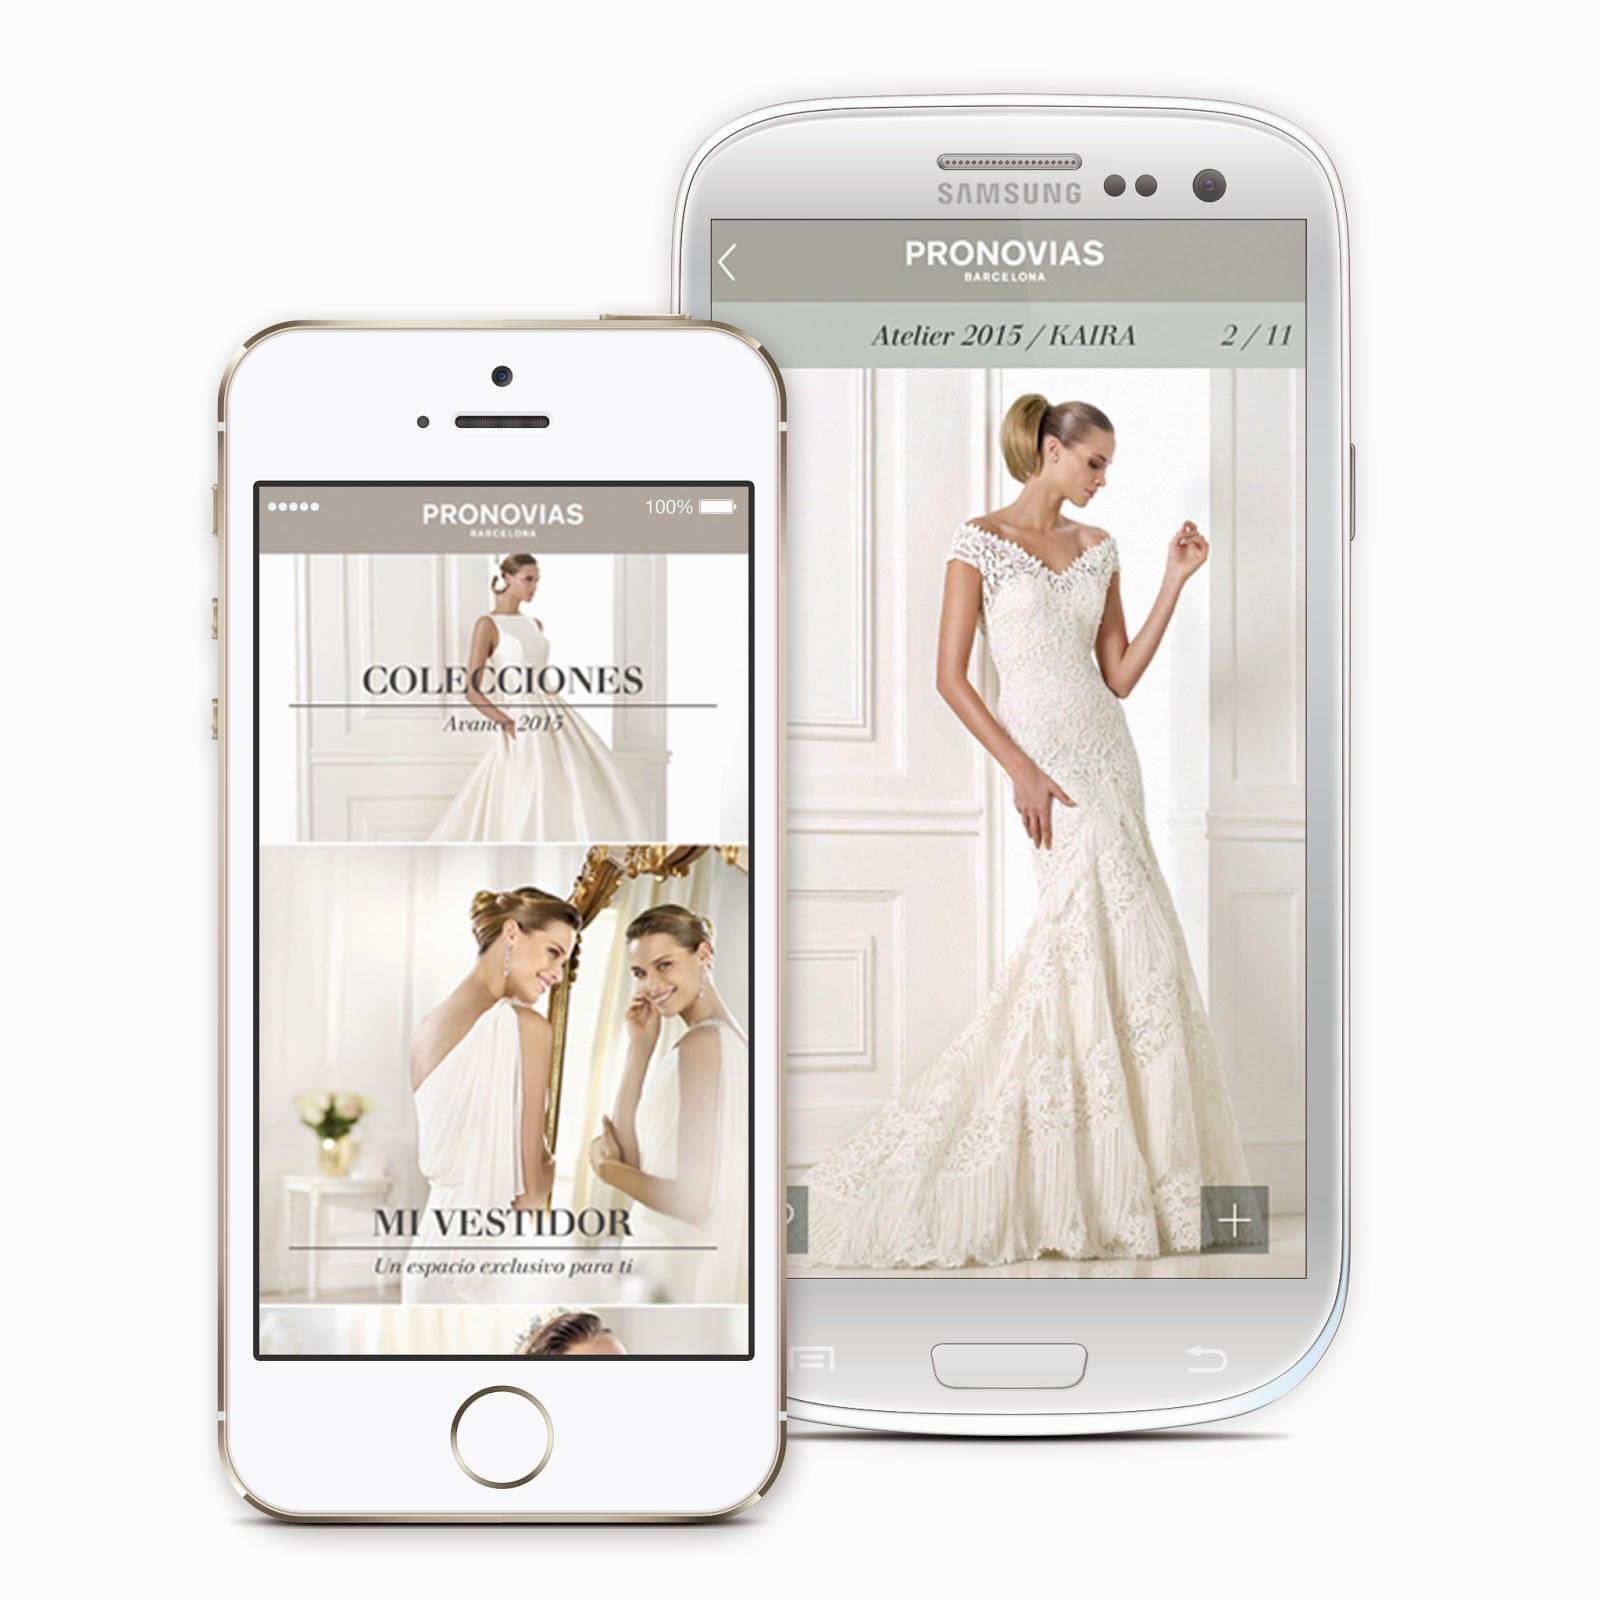 Mejores apps para armar una boda